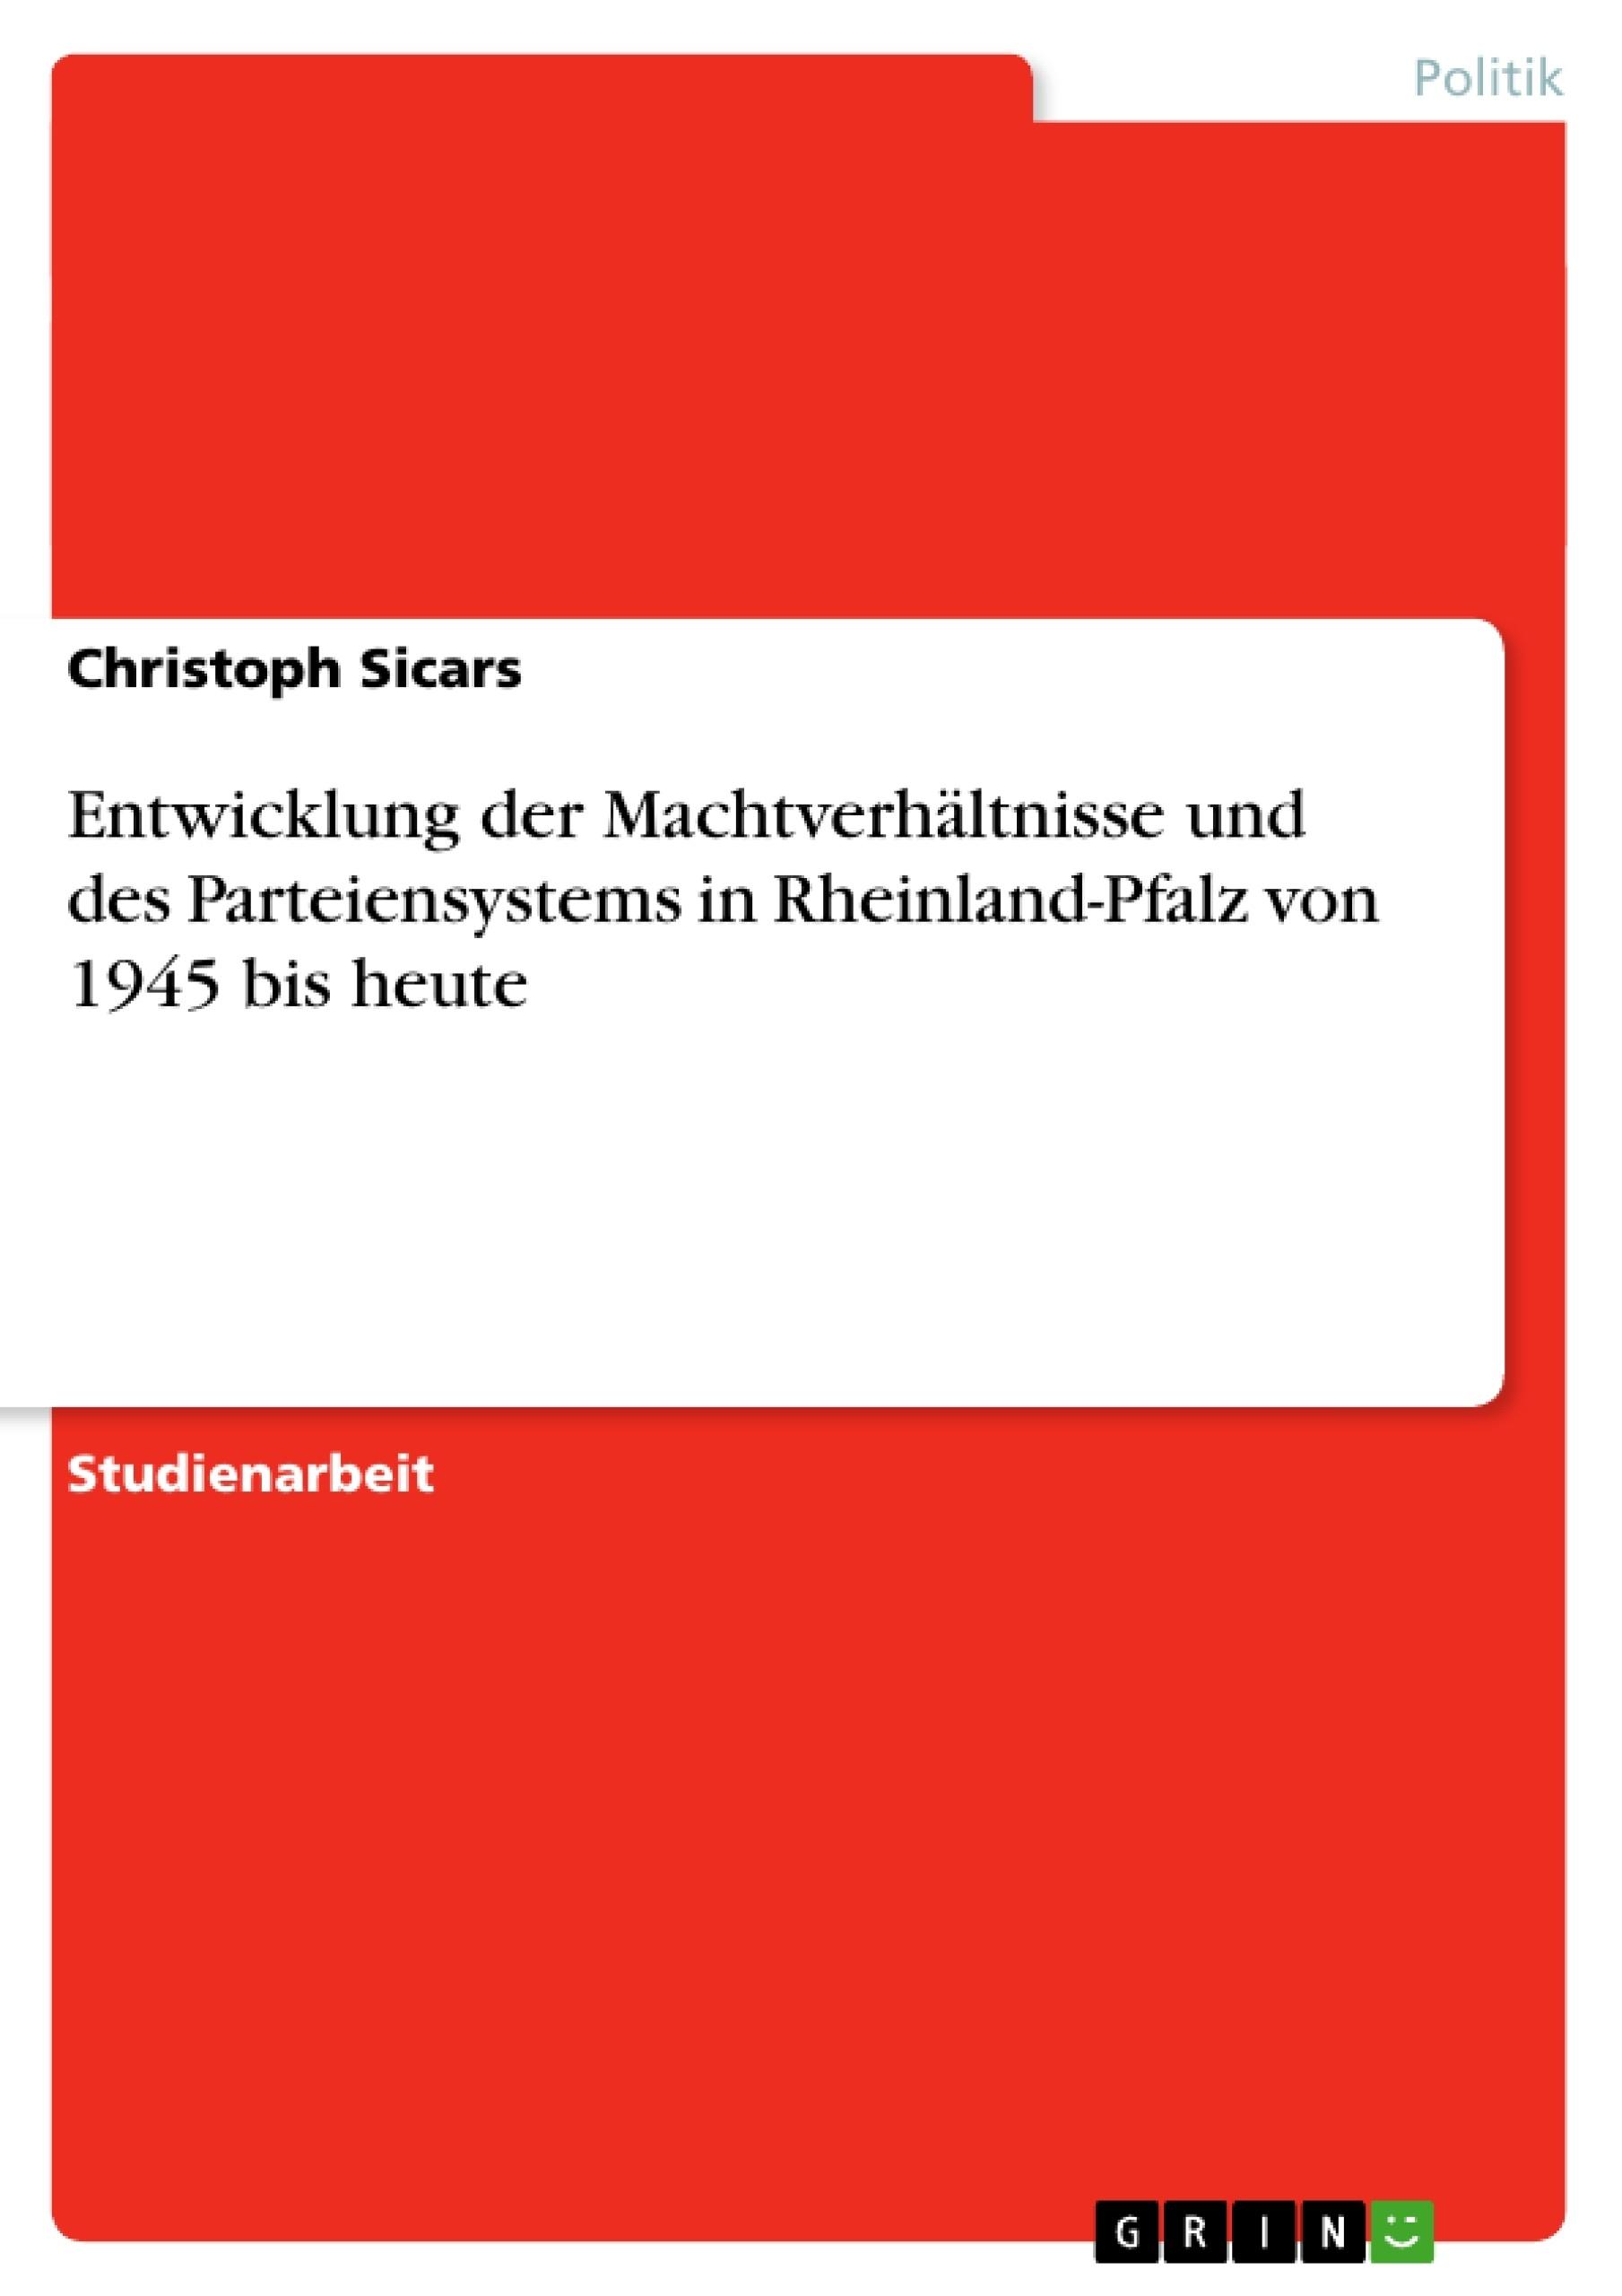 Titel: Entwicklung der Machtverhältnisse und des Parteiensystems in Rheinland-Pfalz von 1945 bis heute